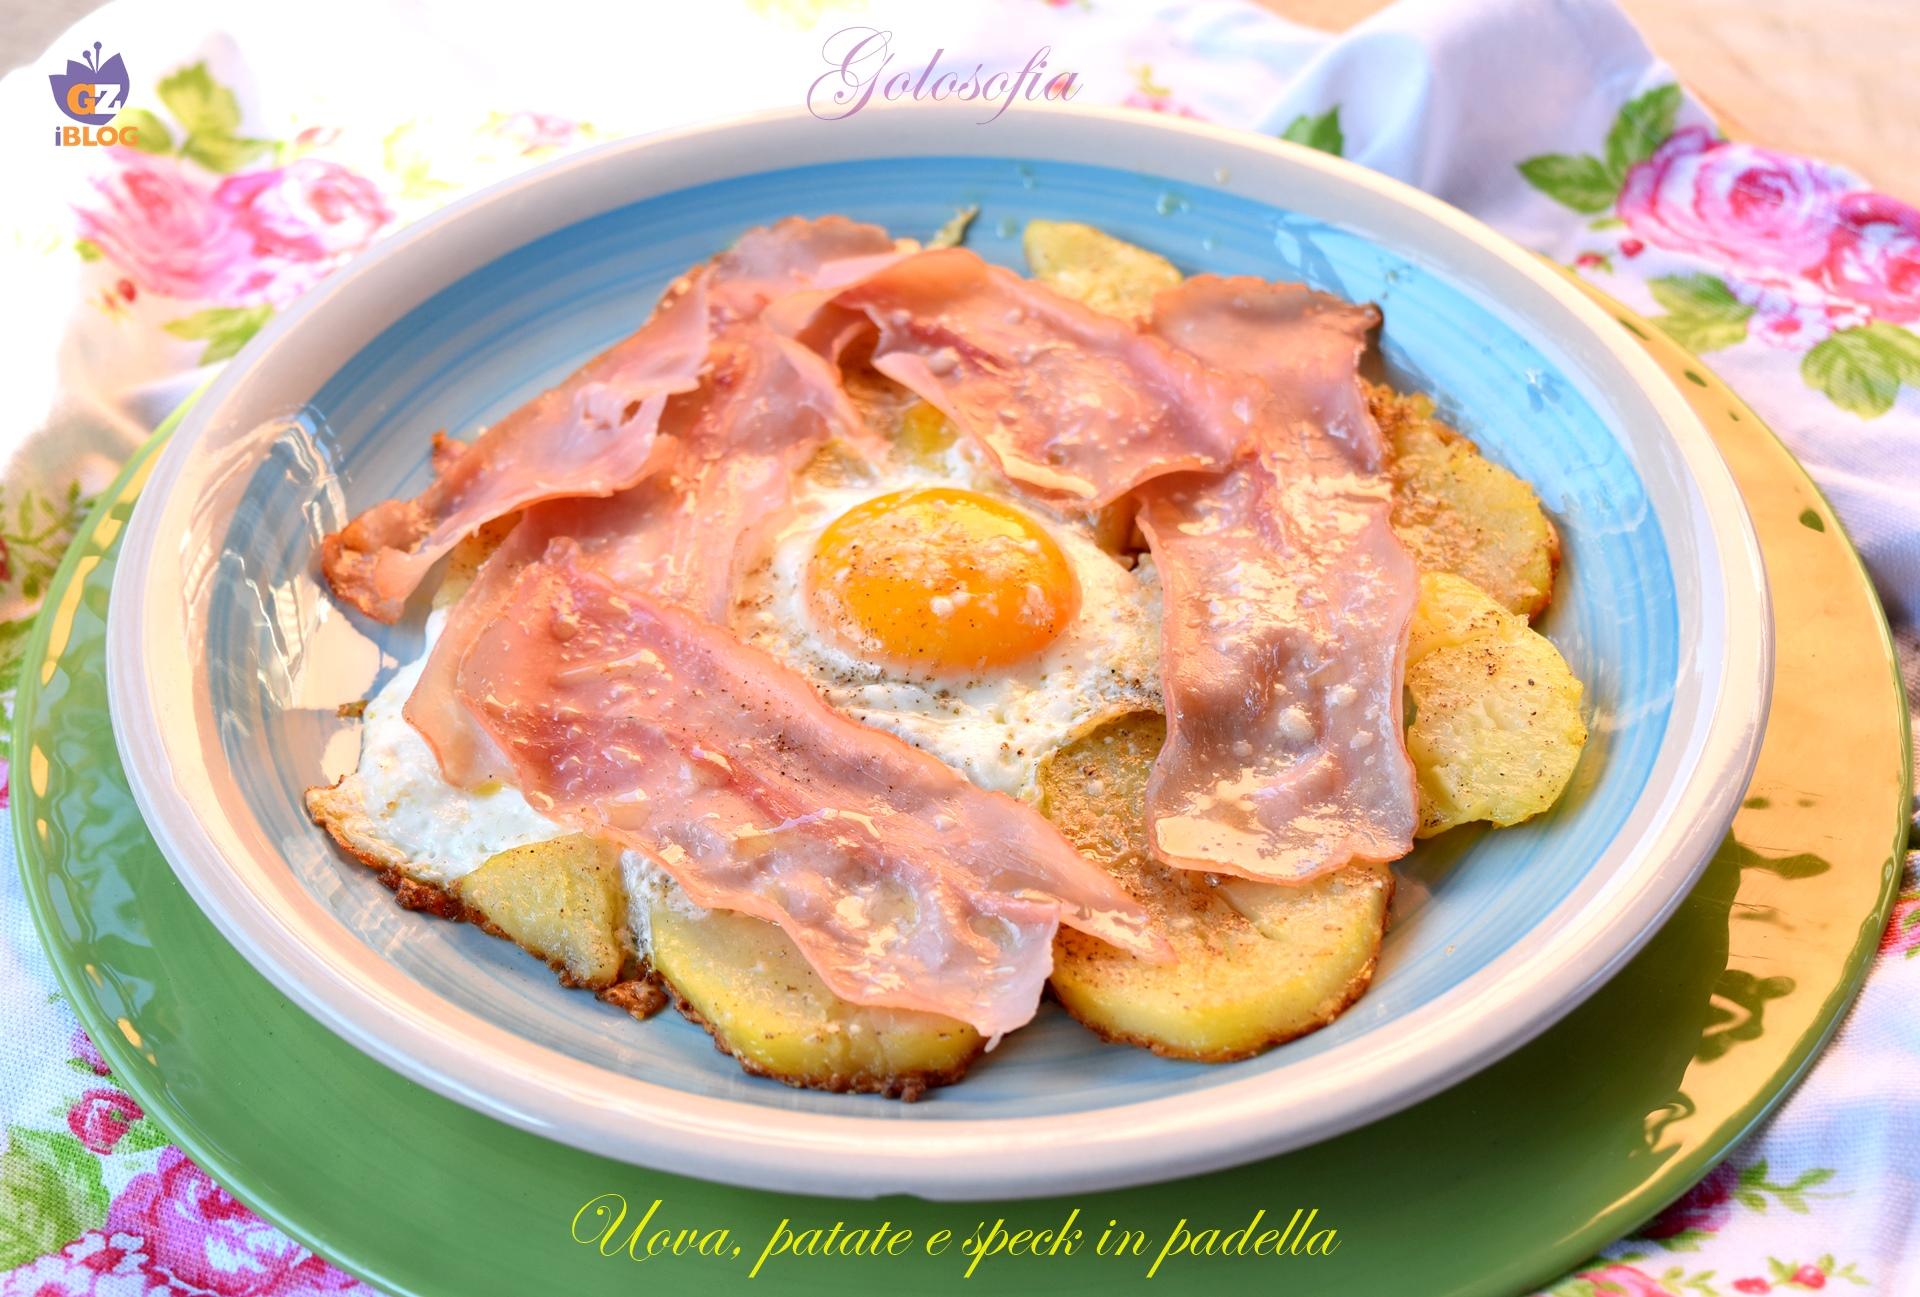 Uova, patate e speck in padella-ricetta secondi-golosofia